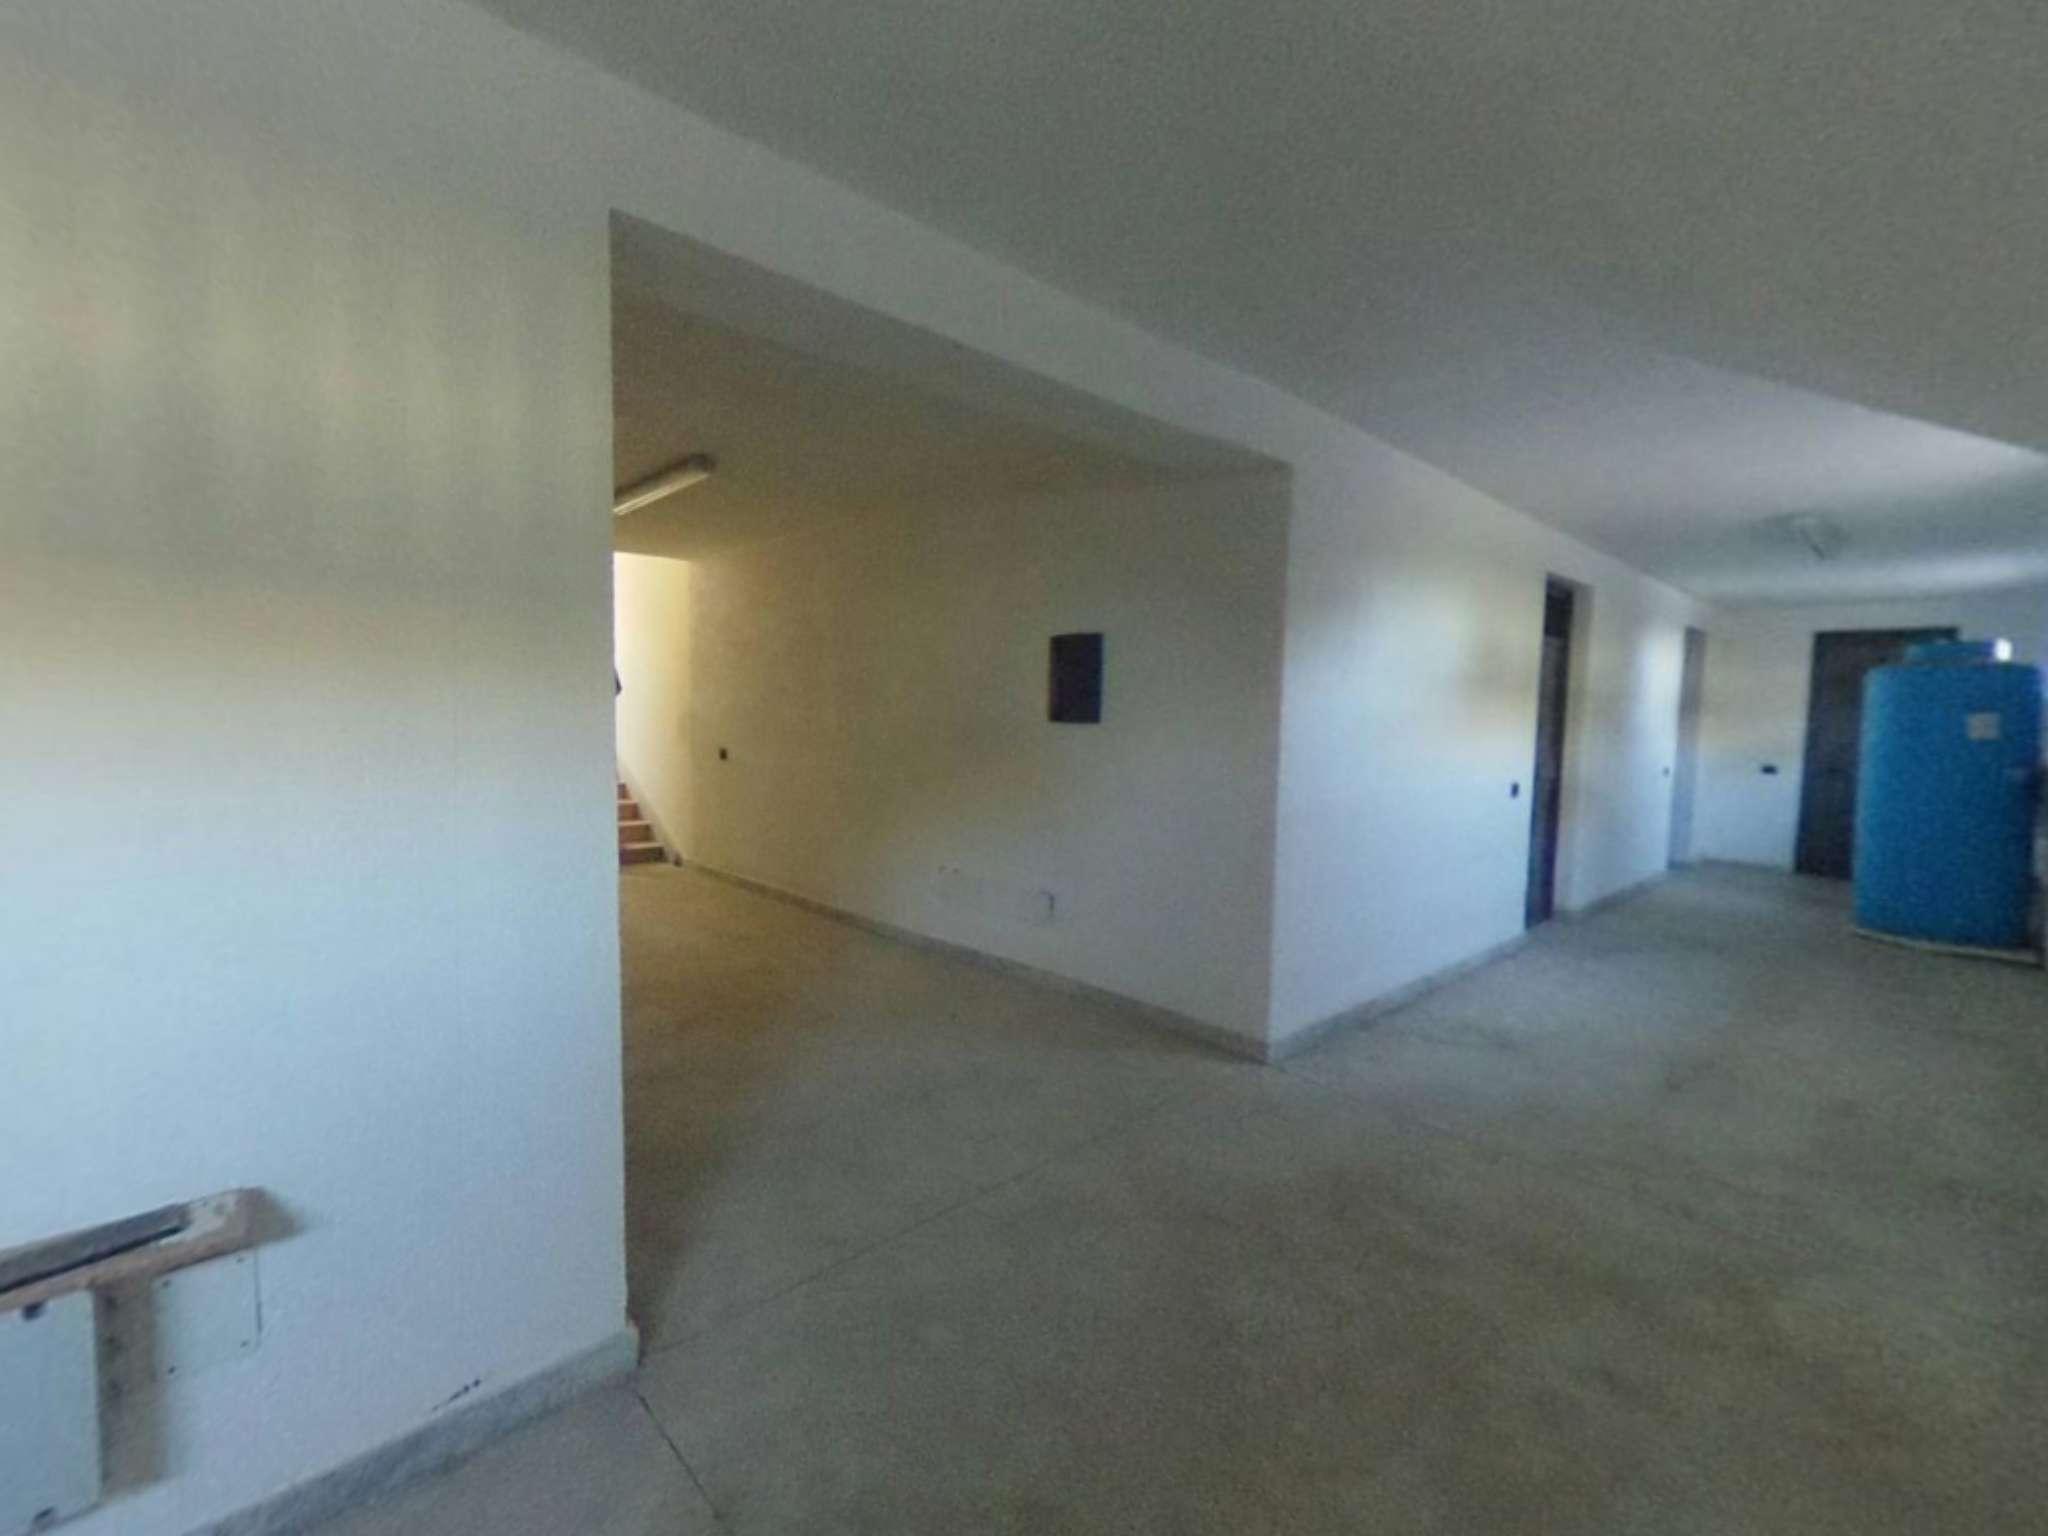 Appartamento in vendita a Carbonara di Nola, 6 locali, prezzo € 175.000 | PortaleAgenzieImmobiliari.it